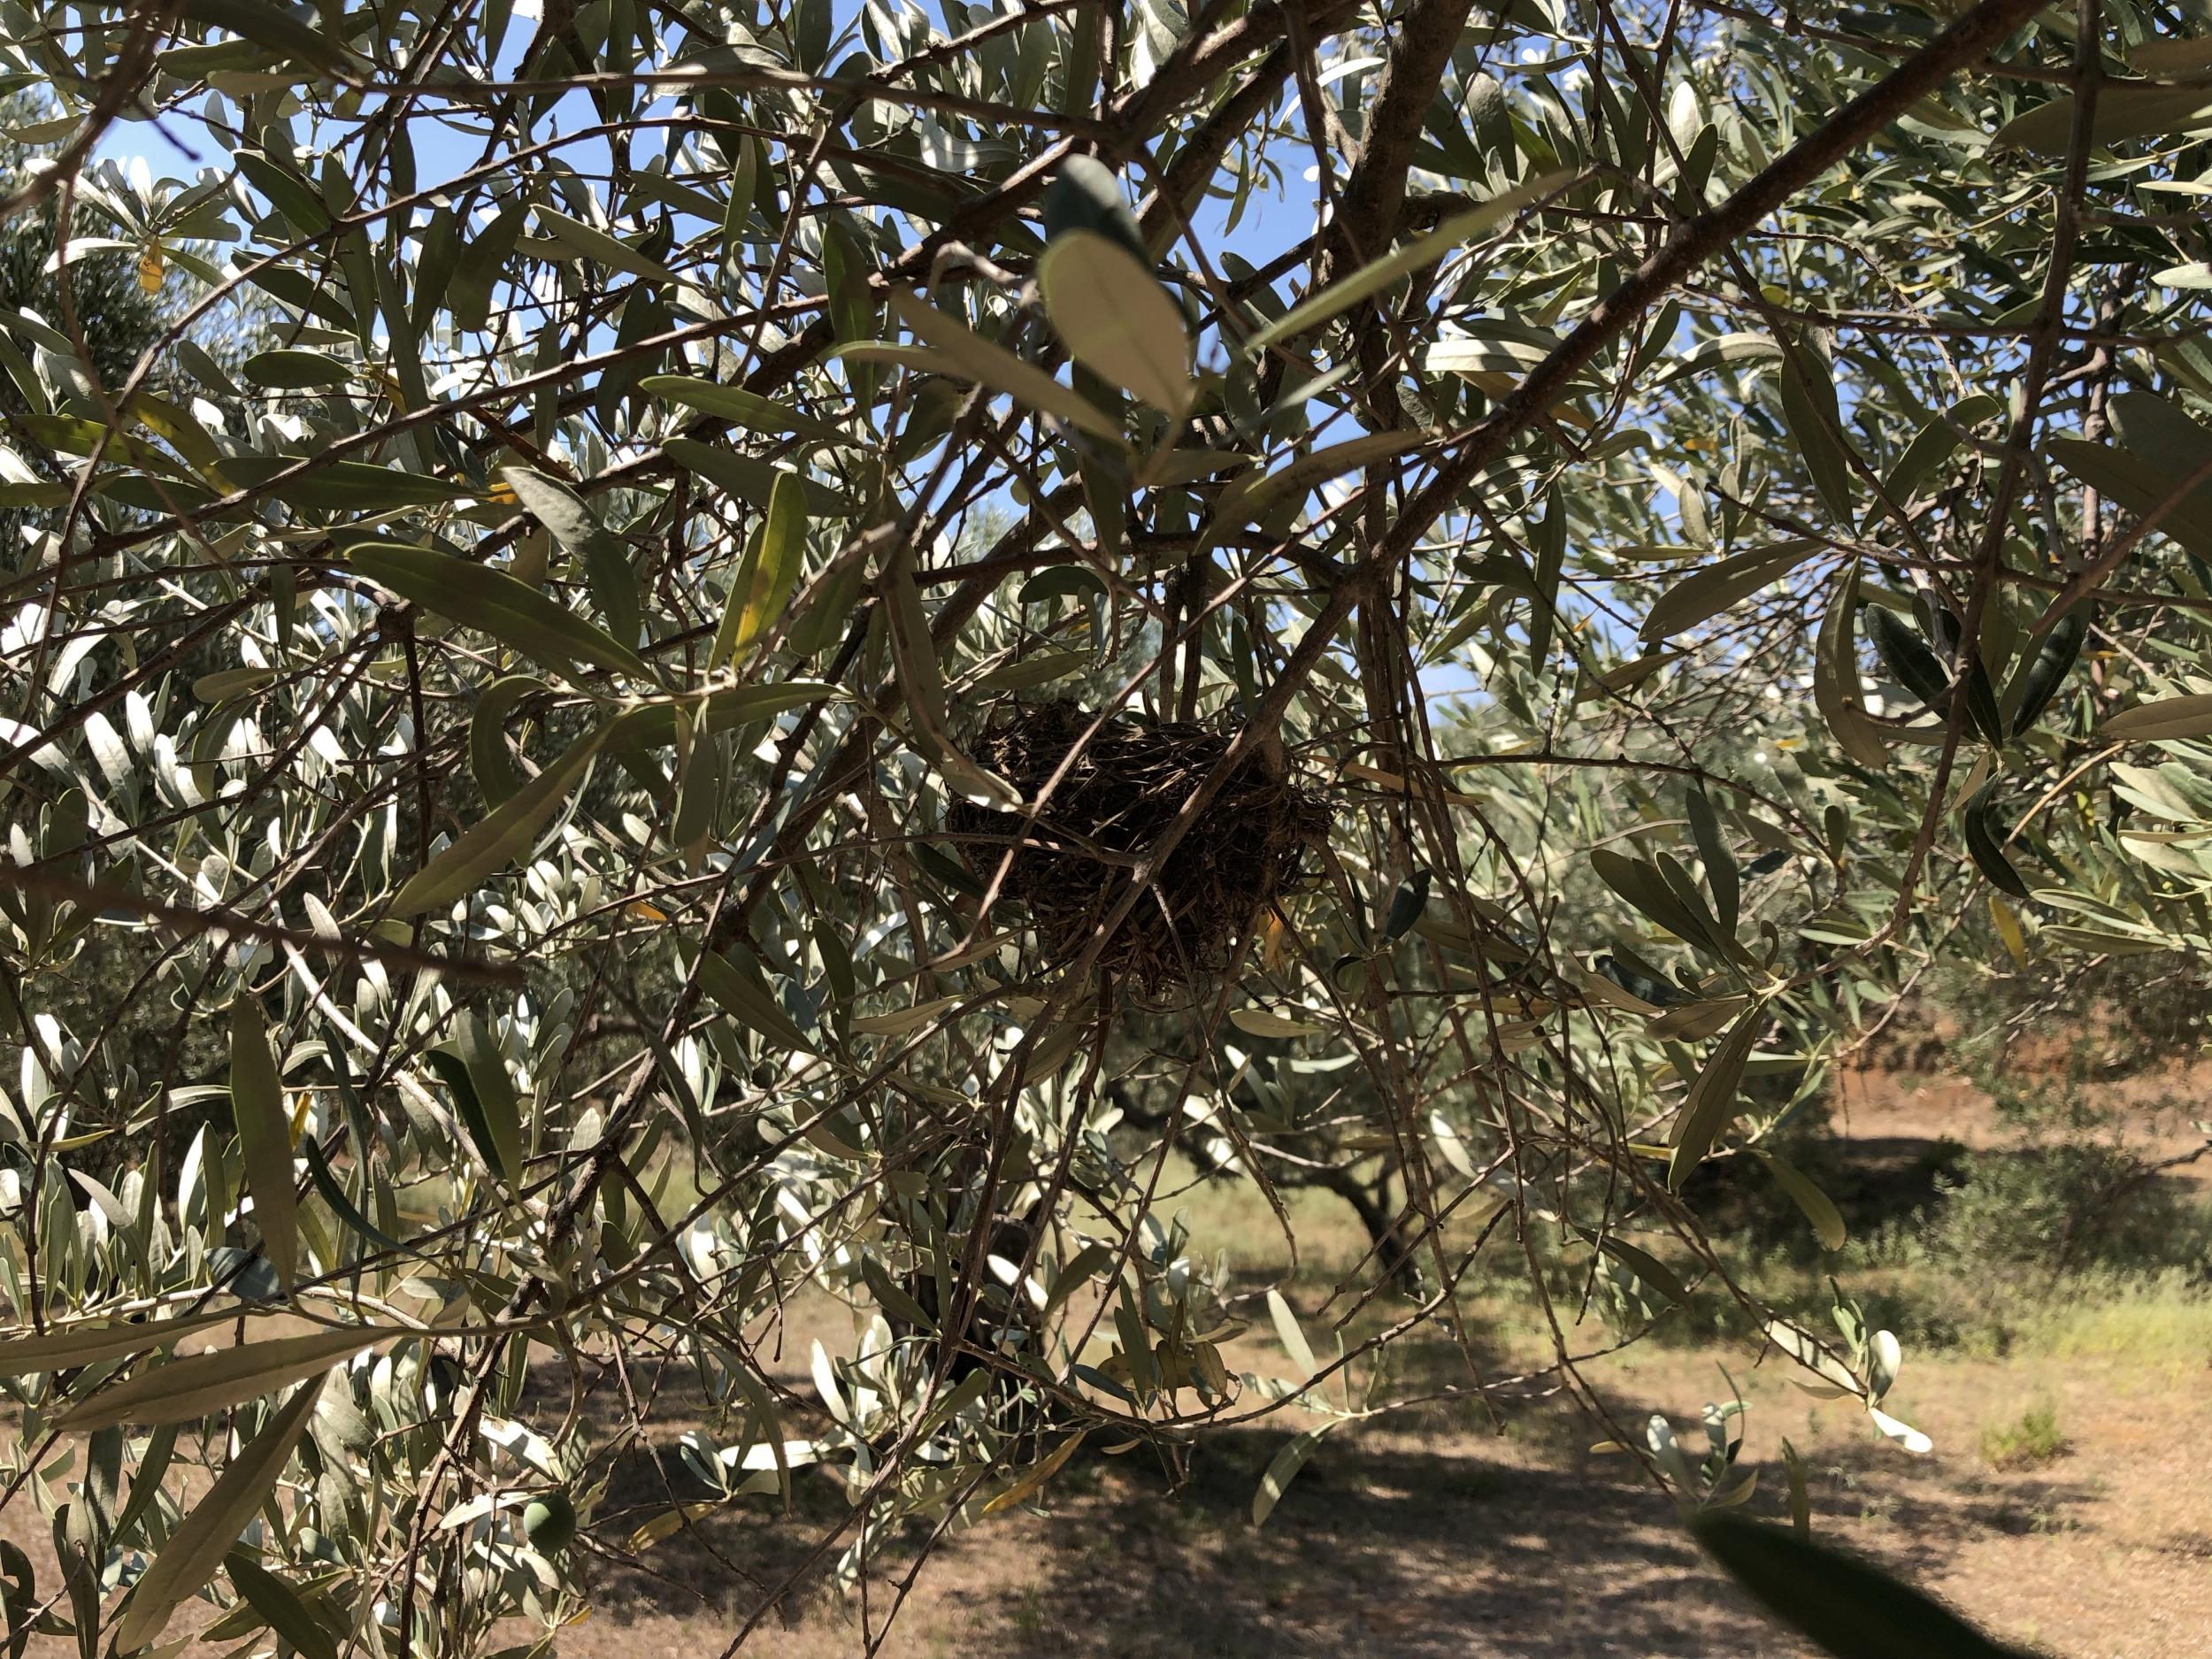 Vogelnest im Olivenbaum